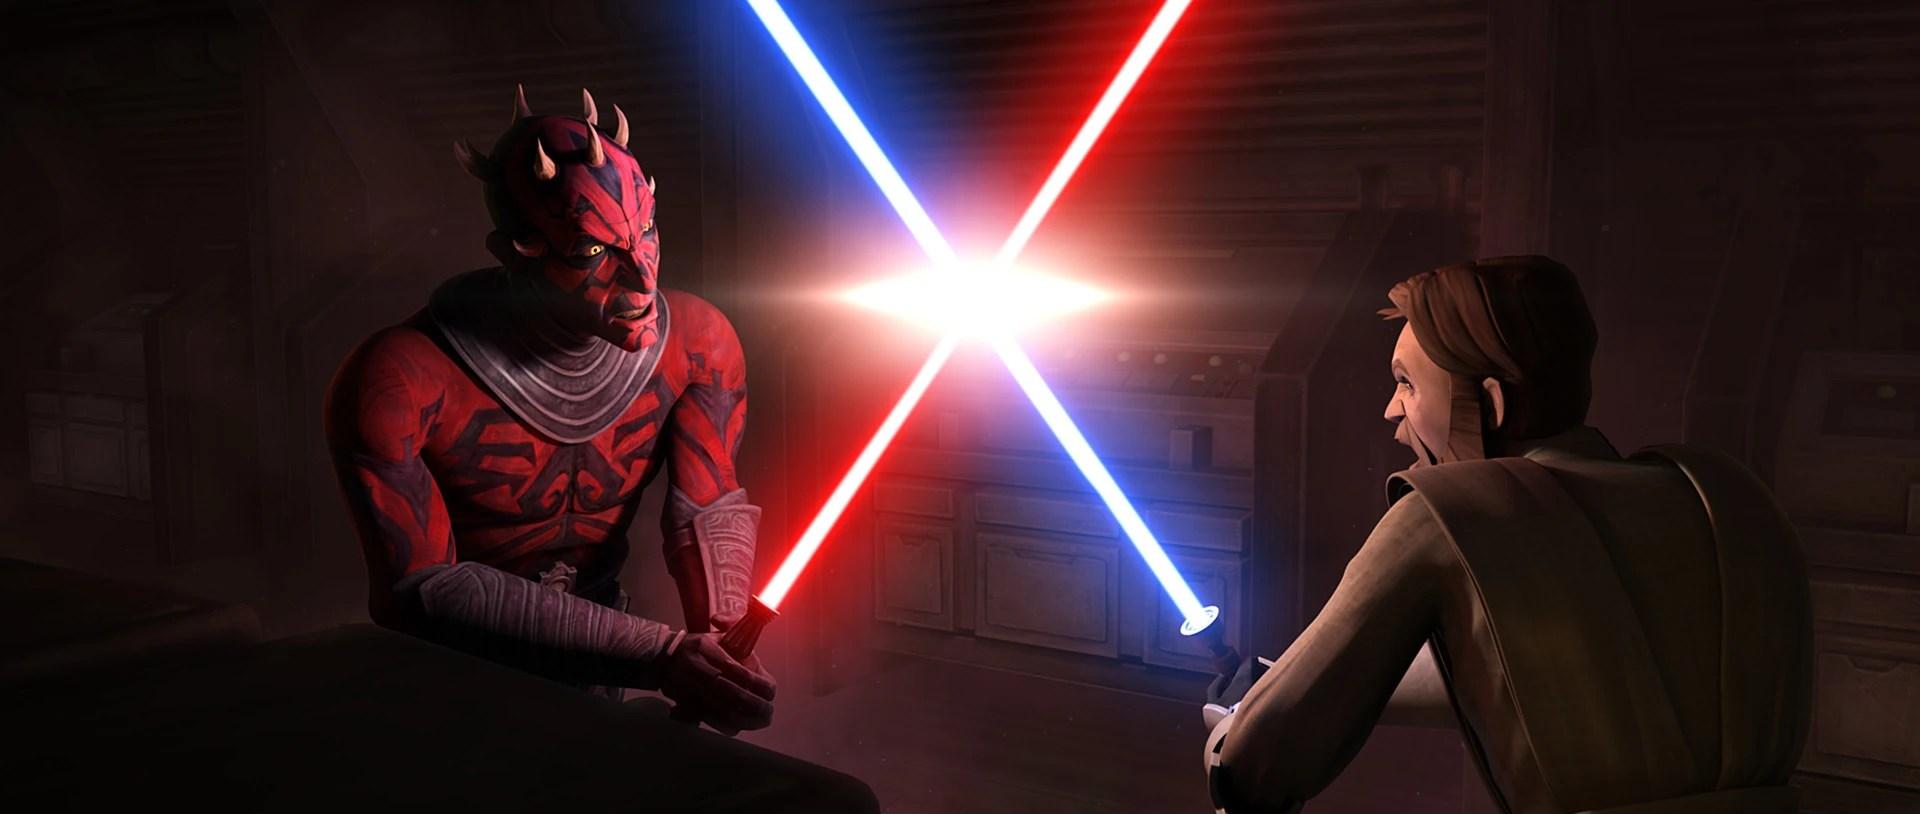 Darth Mall Star Wars Clone